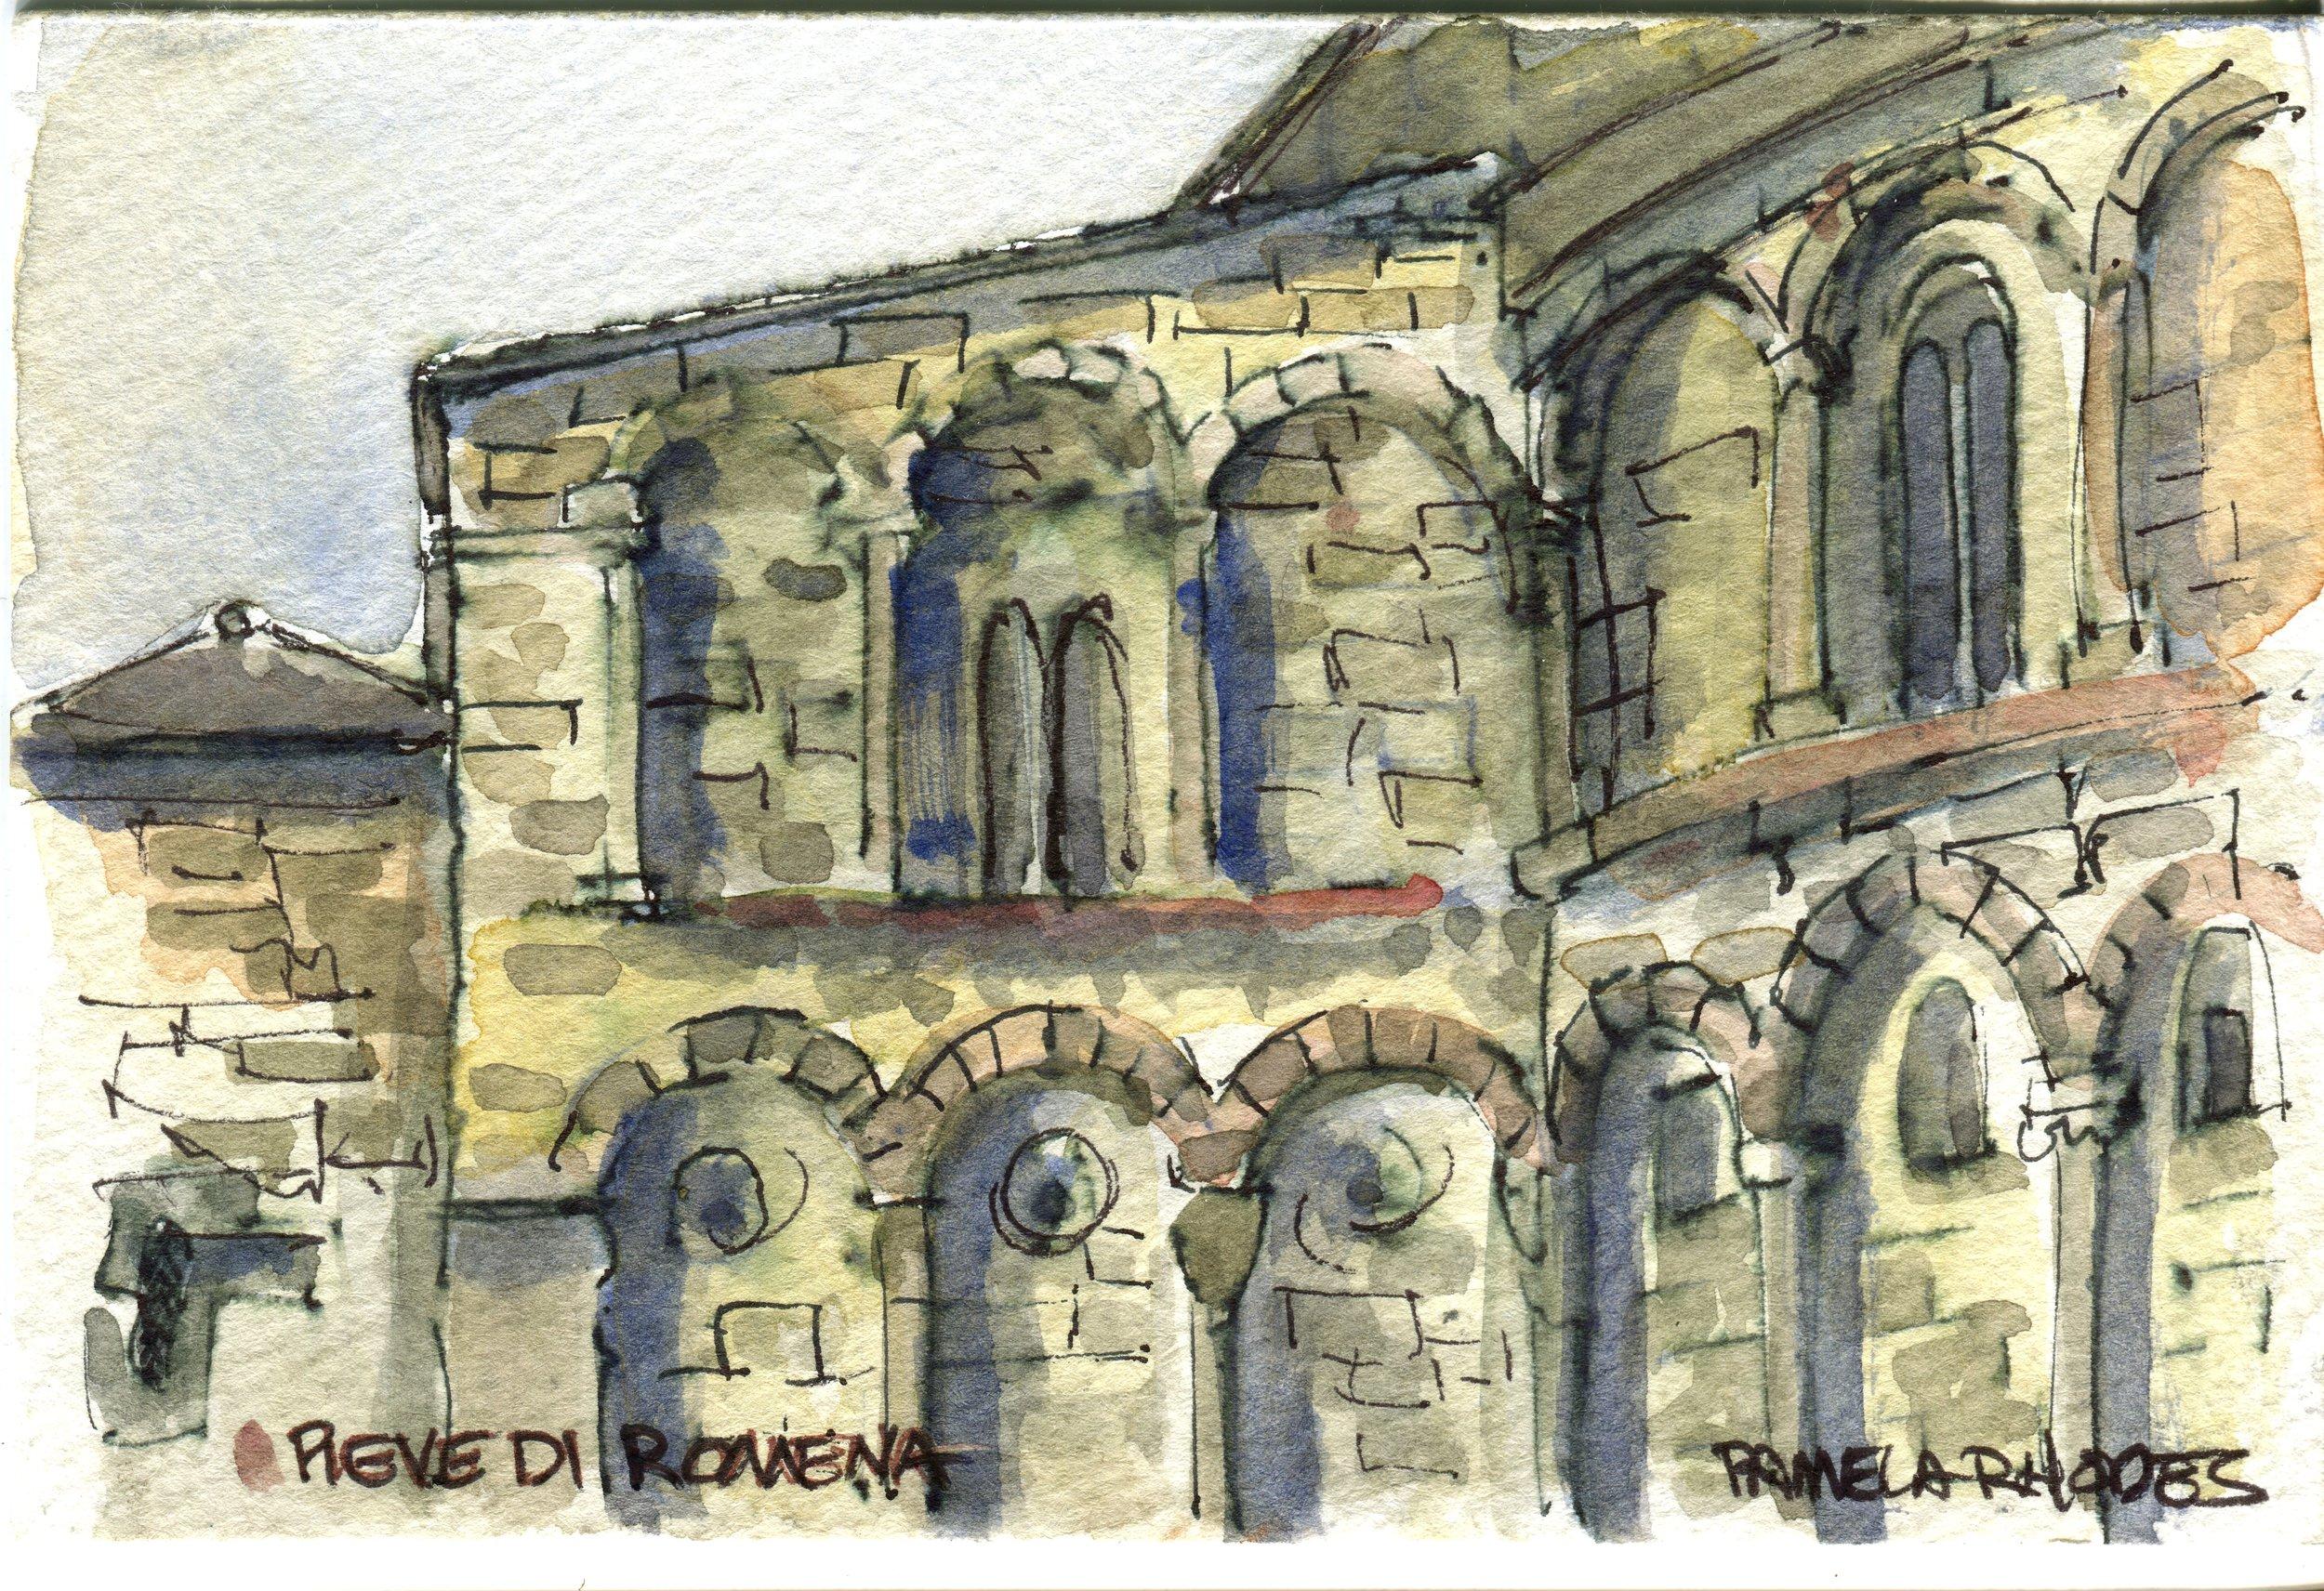 Pieve de Romena 2 429.jpg